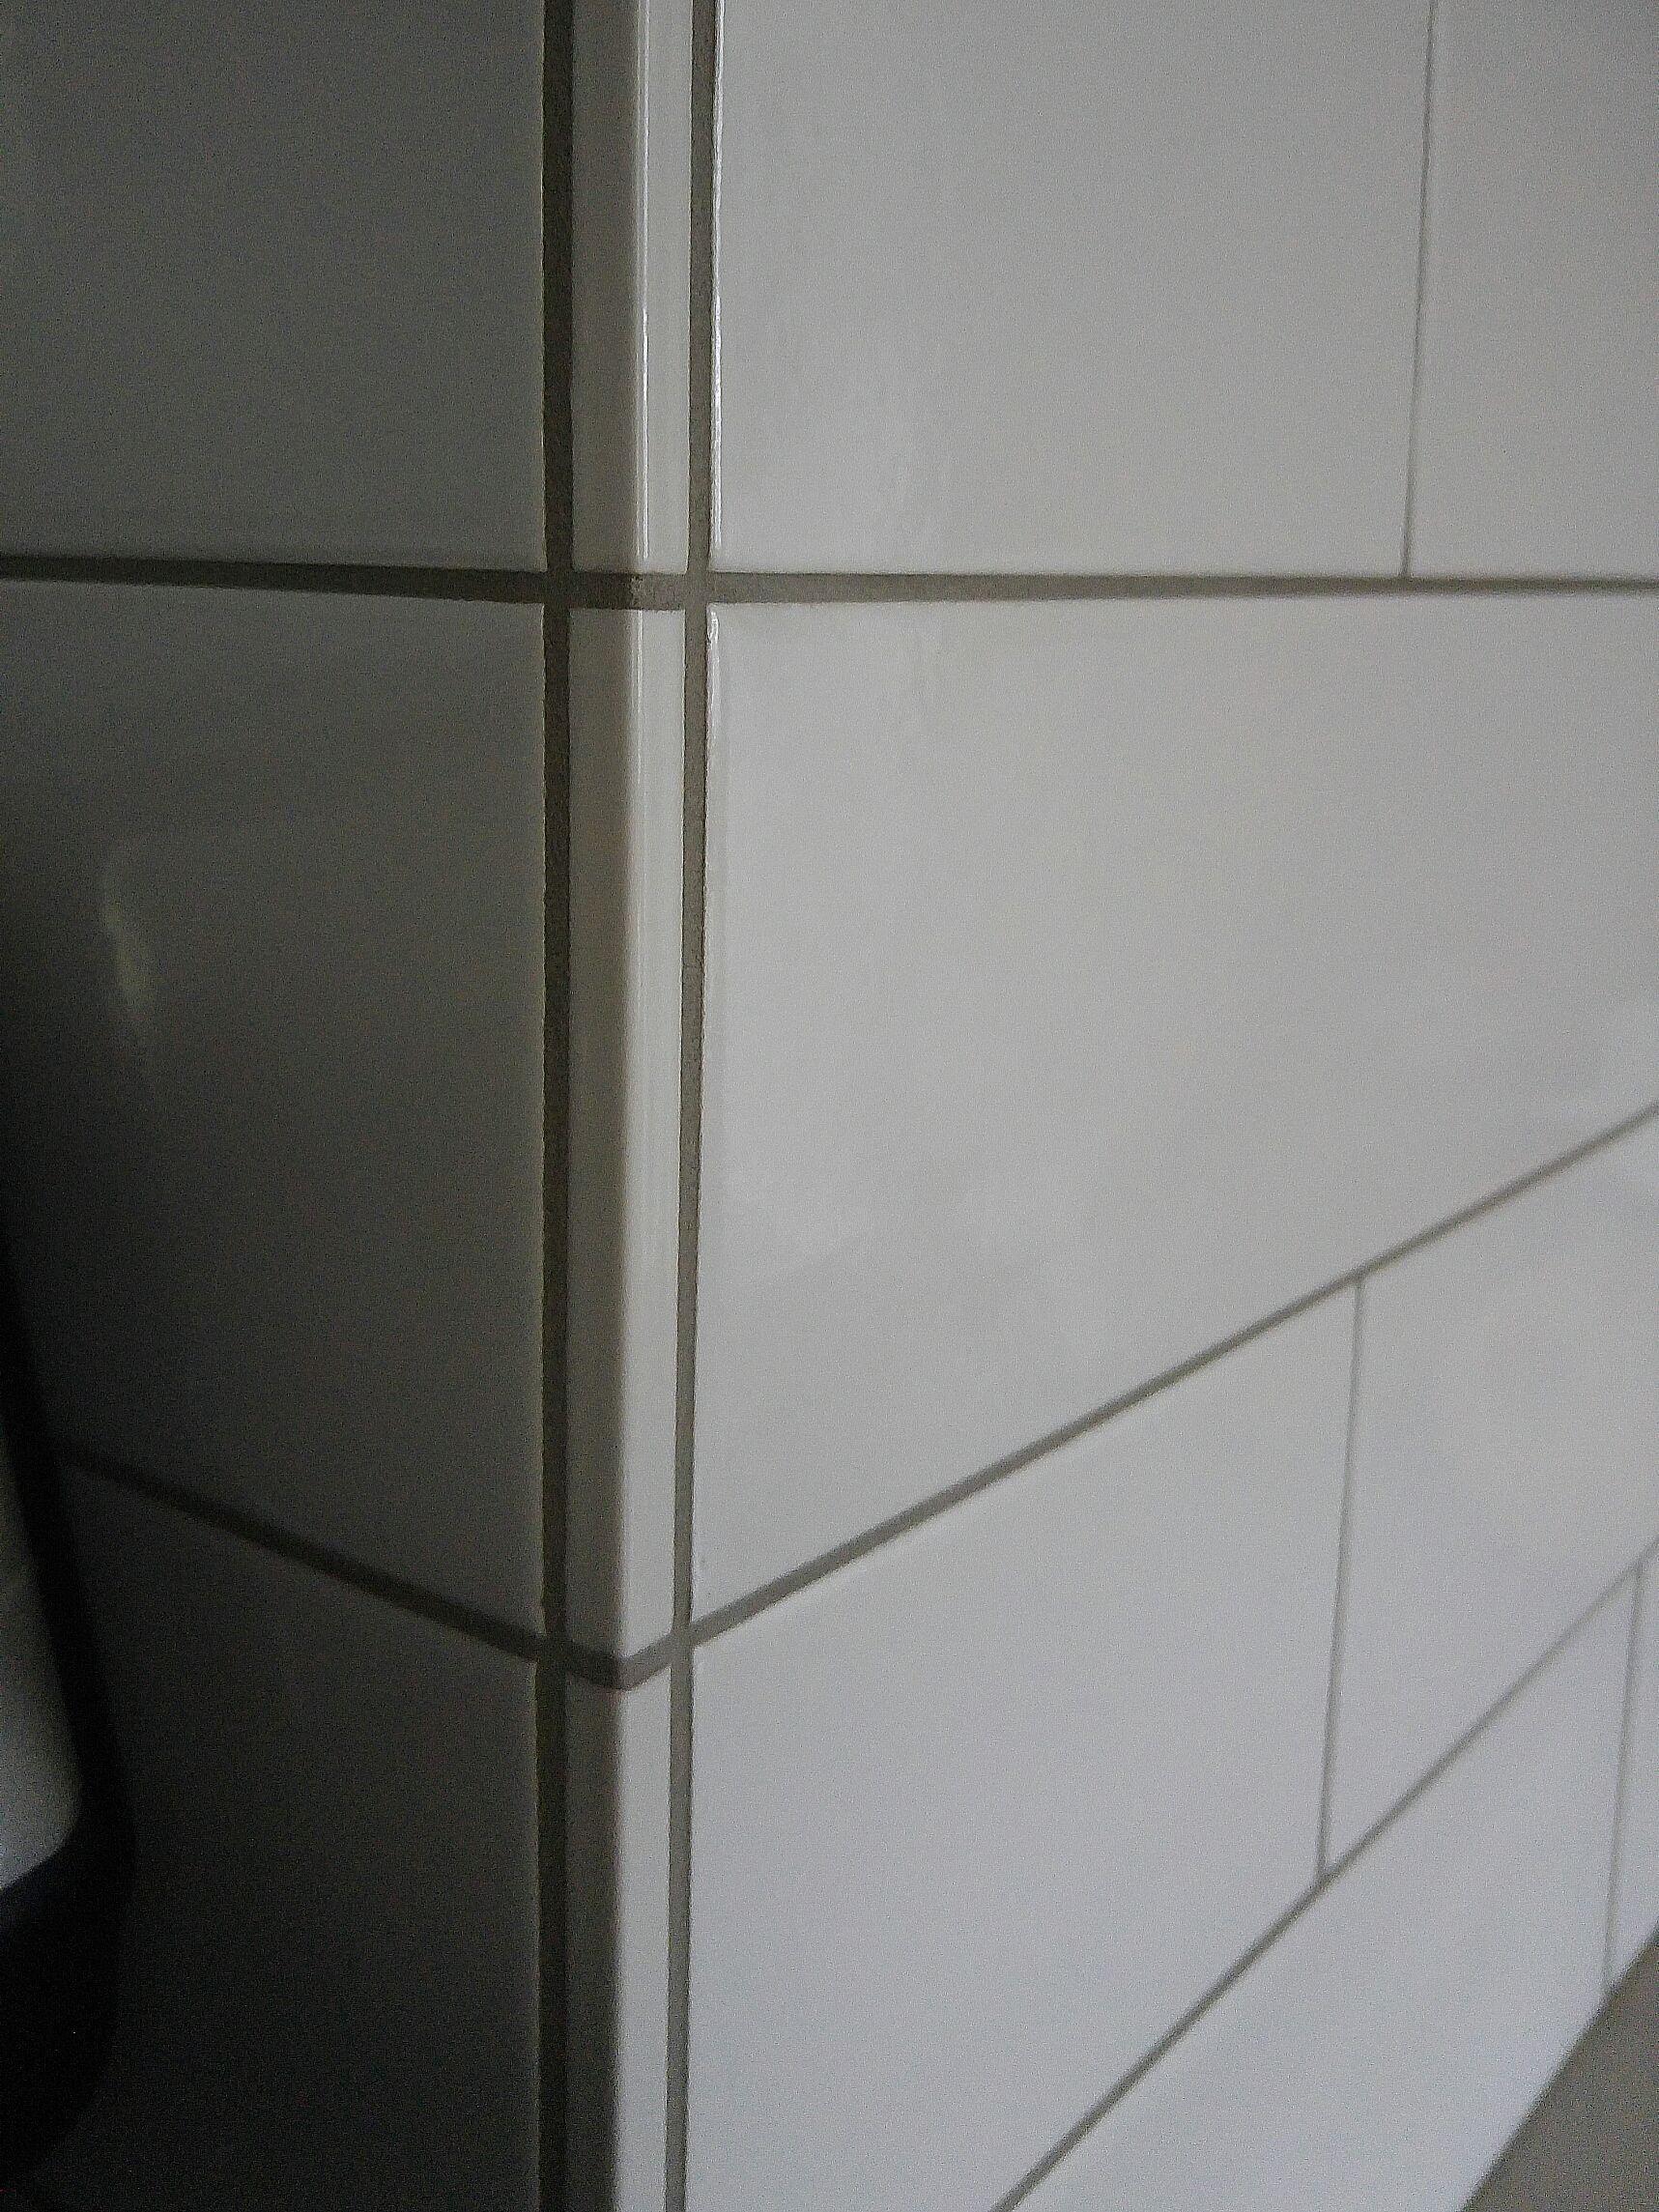 subway tile corner pieces